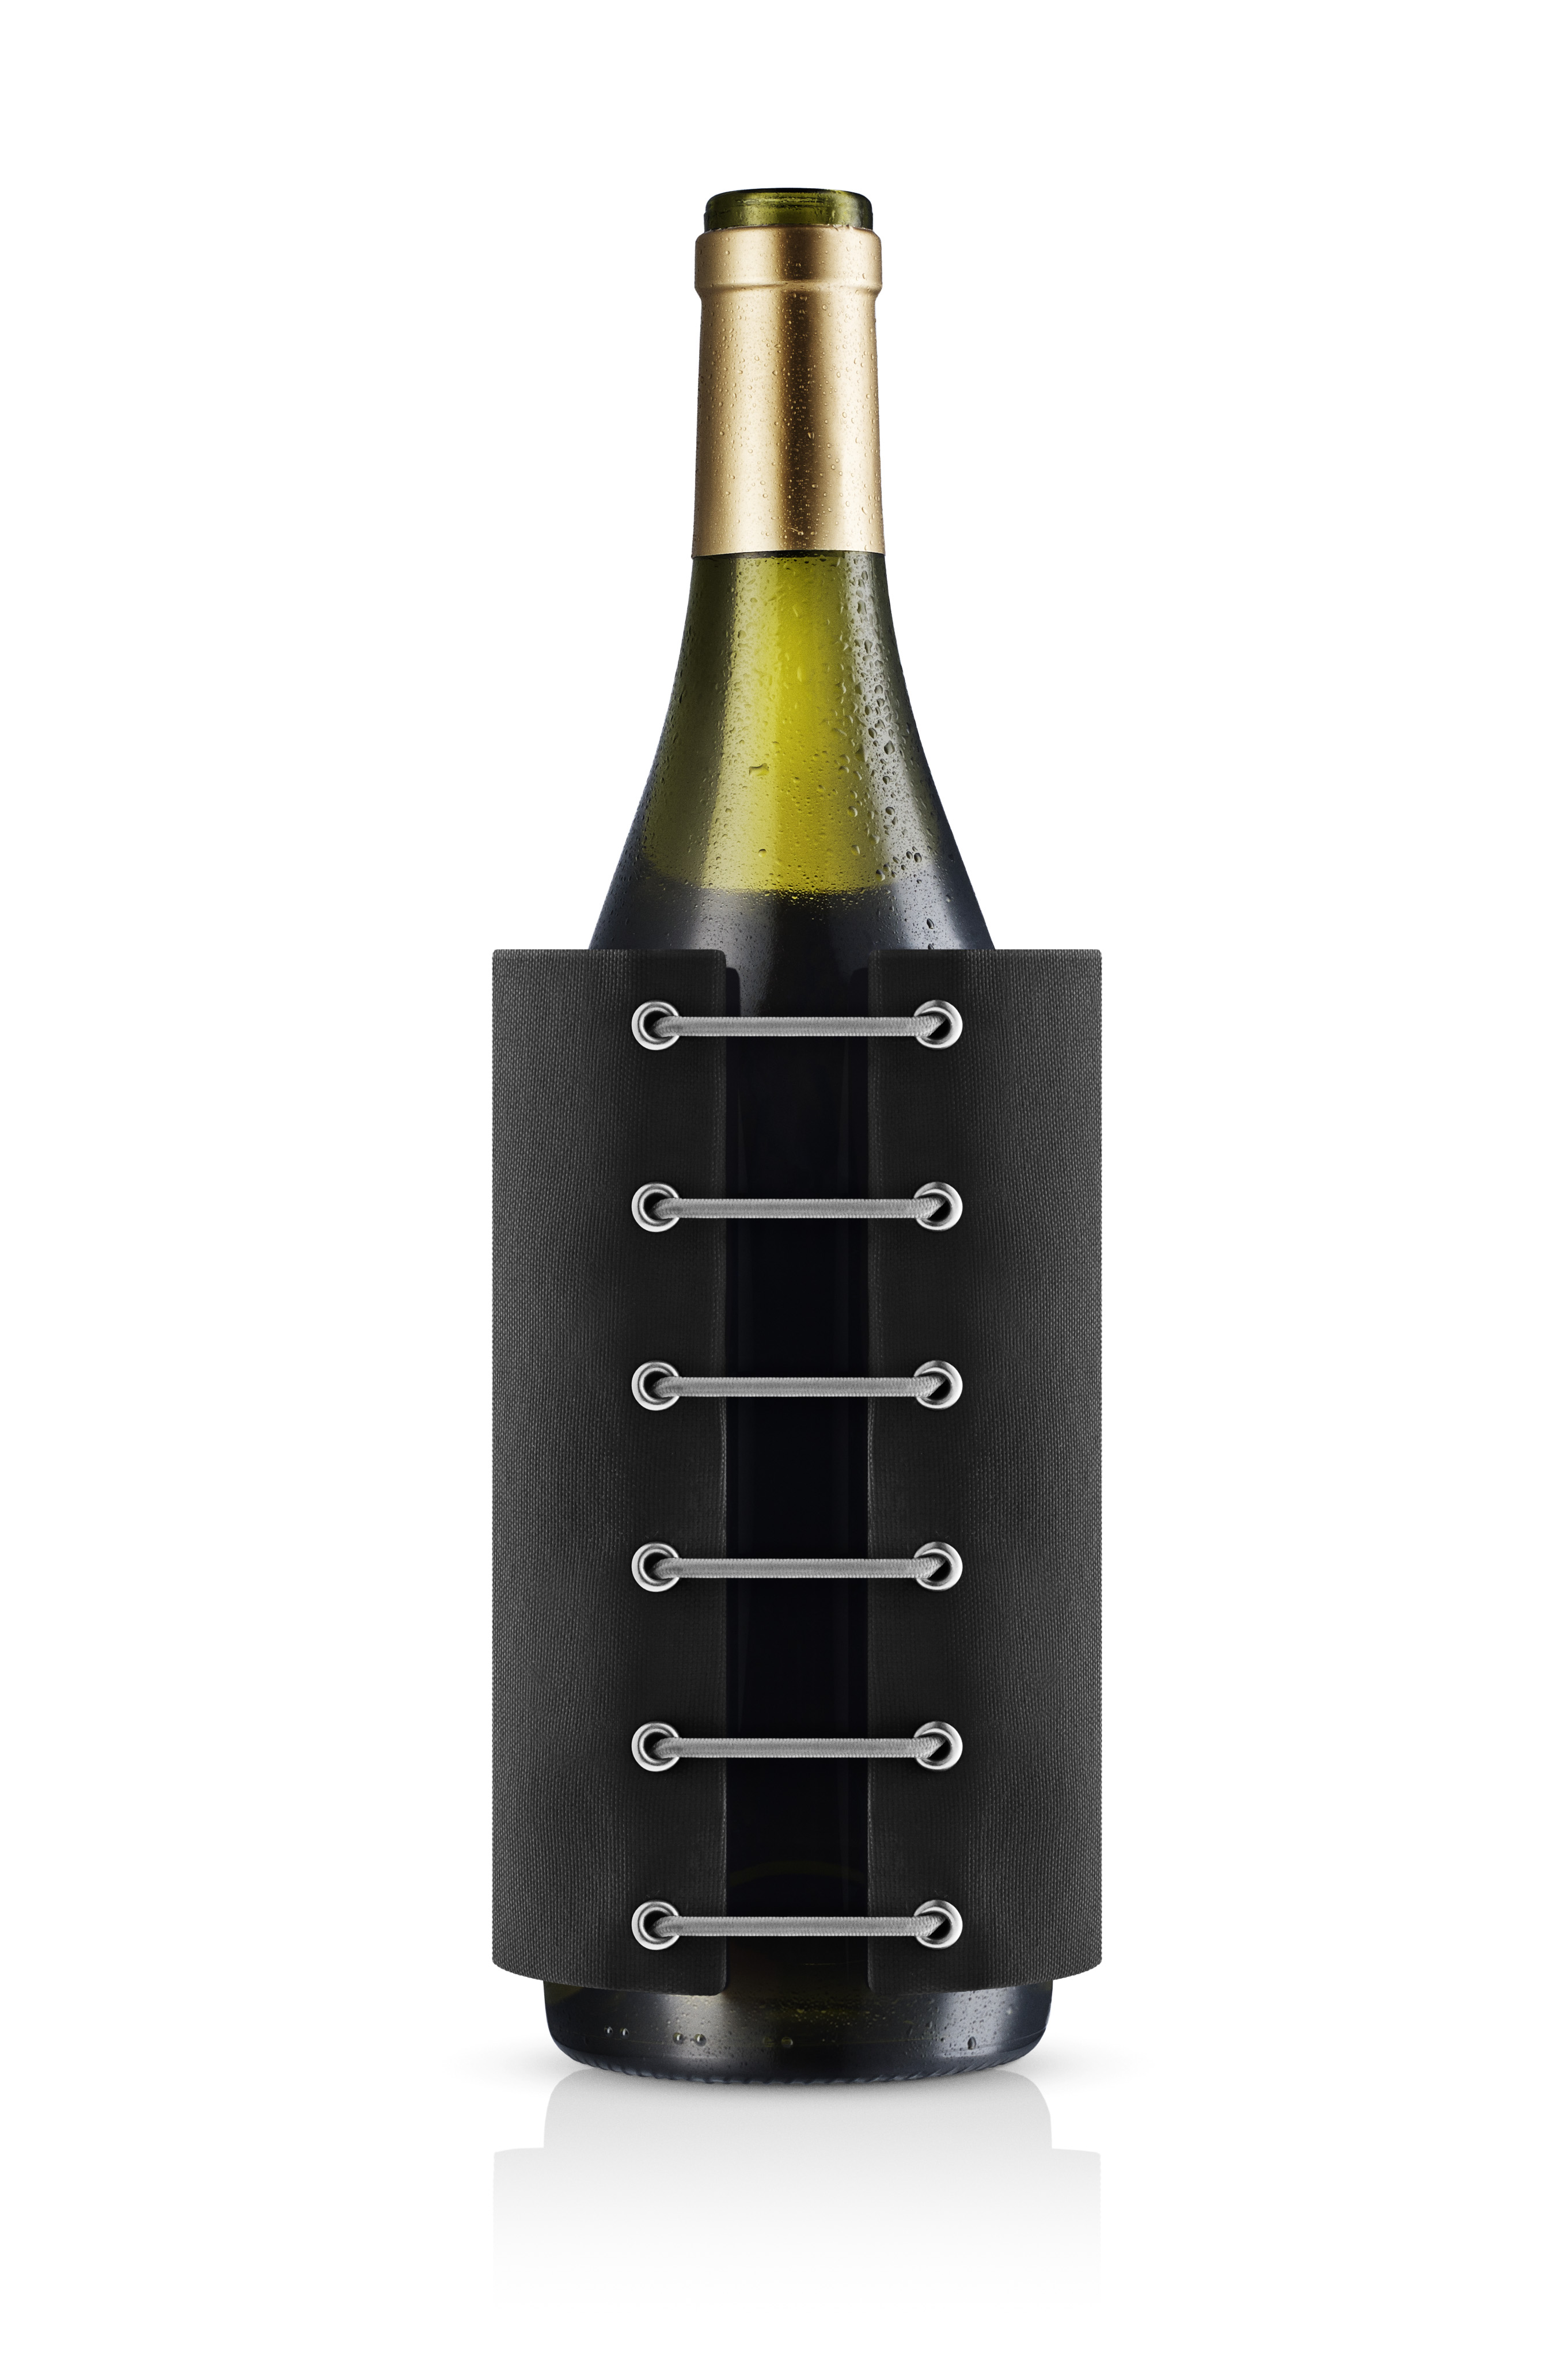 Flott Eva Solo - Vin, Ølglass og utstyr - Produkter PJ-69